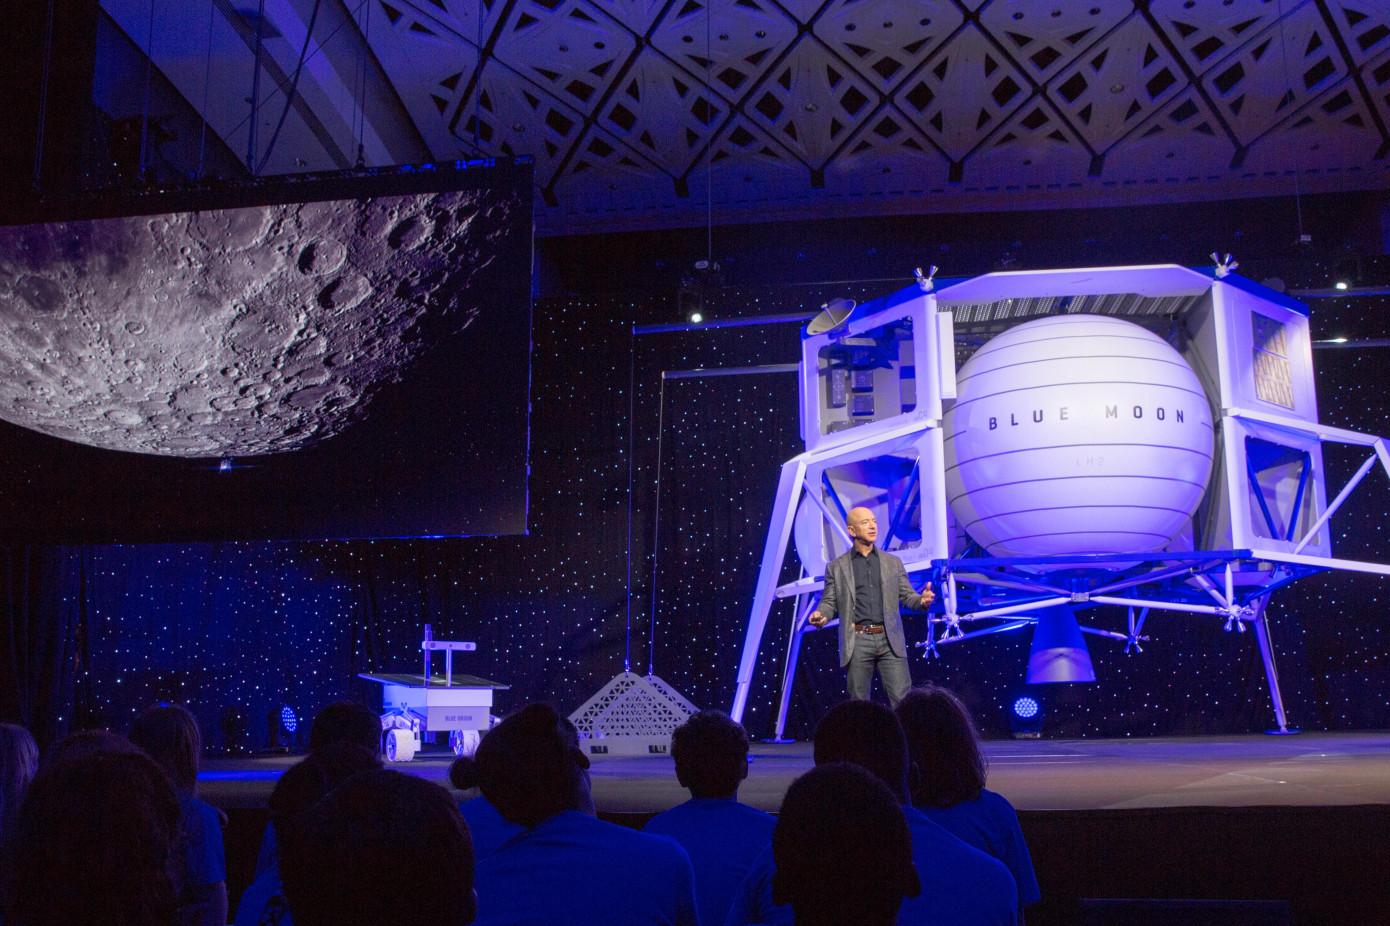 Джефф Безос объявил о планах покорения Луны